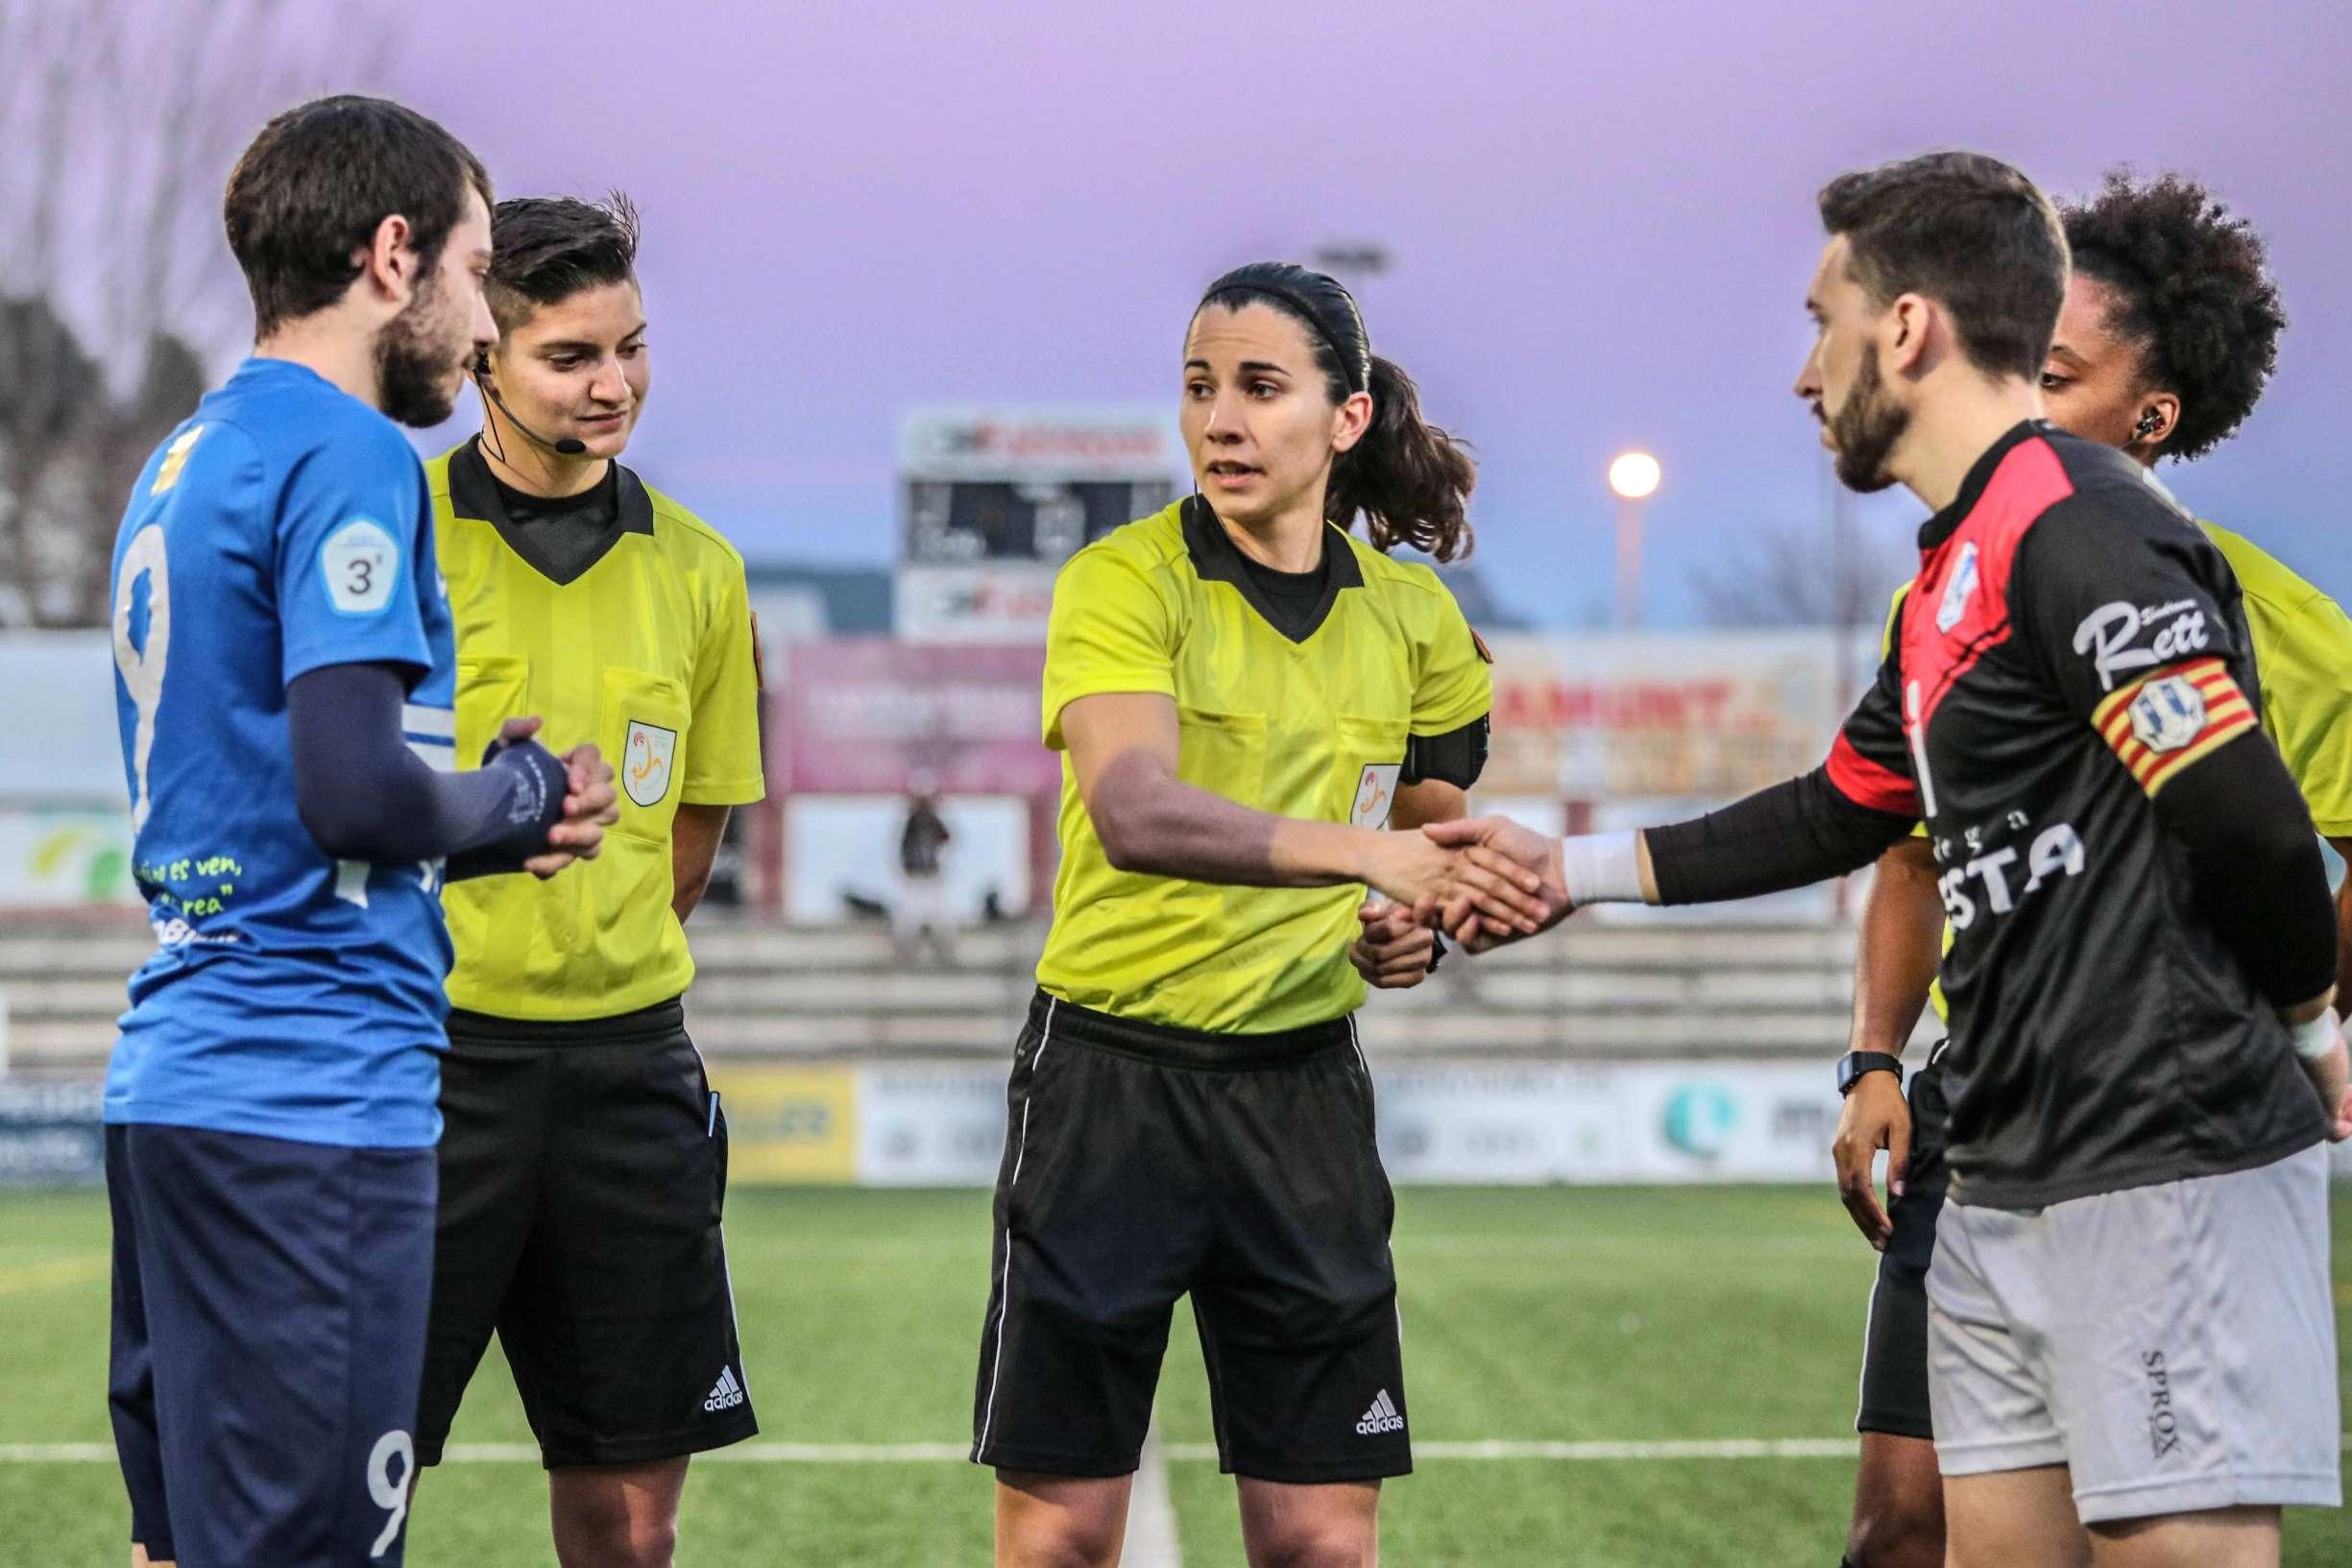 Ainara Acevedo i Ylenia Sánchez formen tàndem arbitral a la Tercera Divisió masculina / FOTO: Marc Domingo